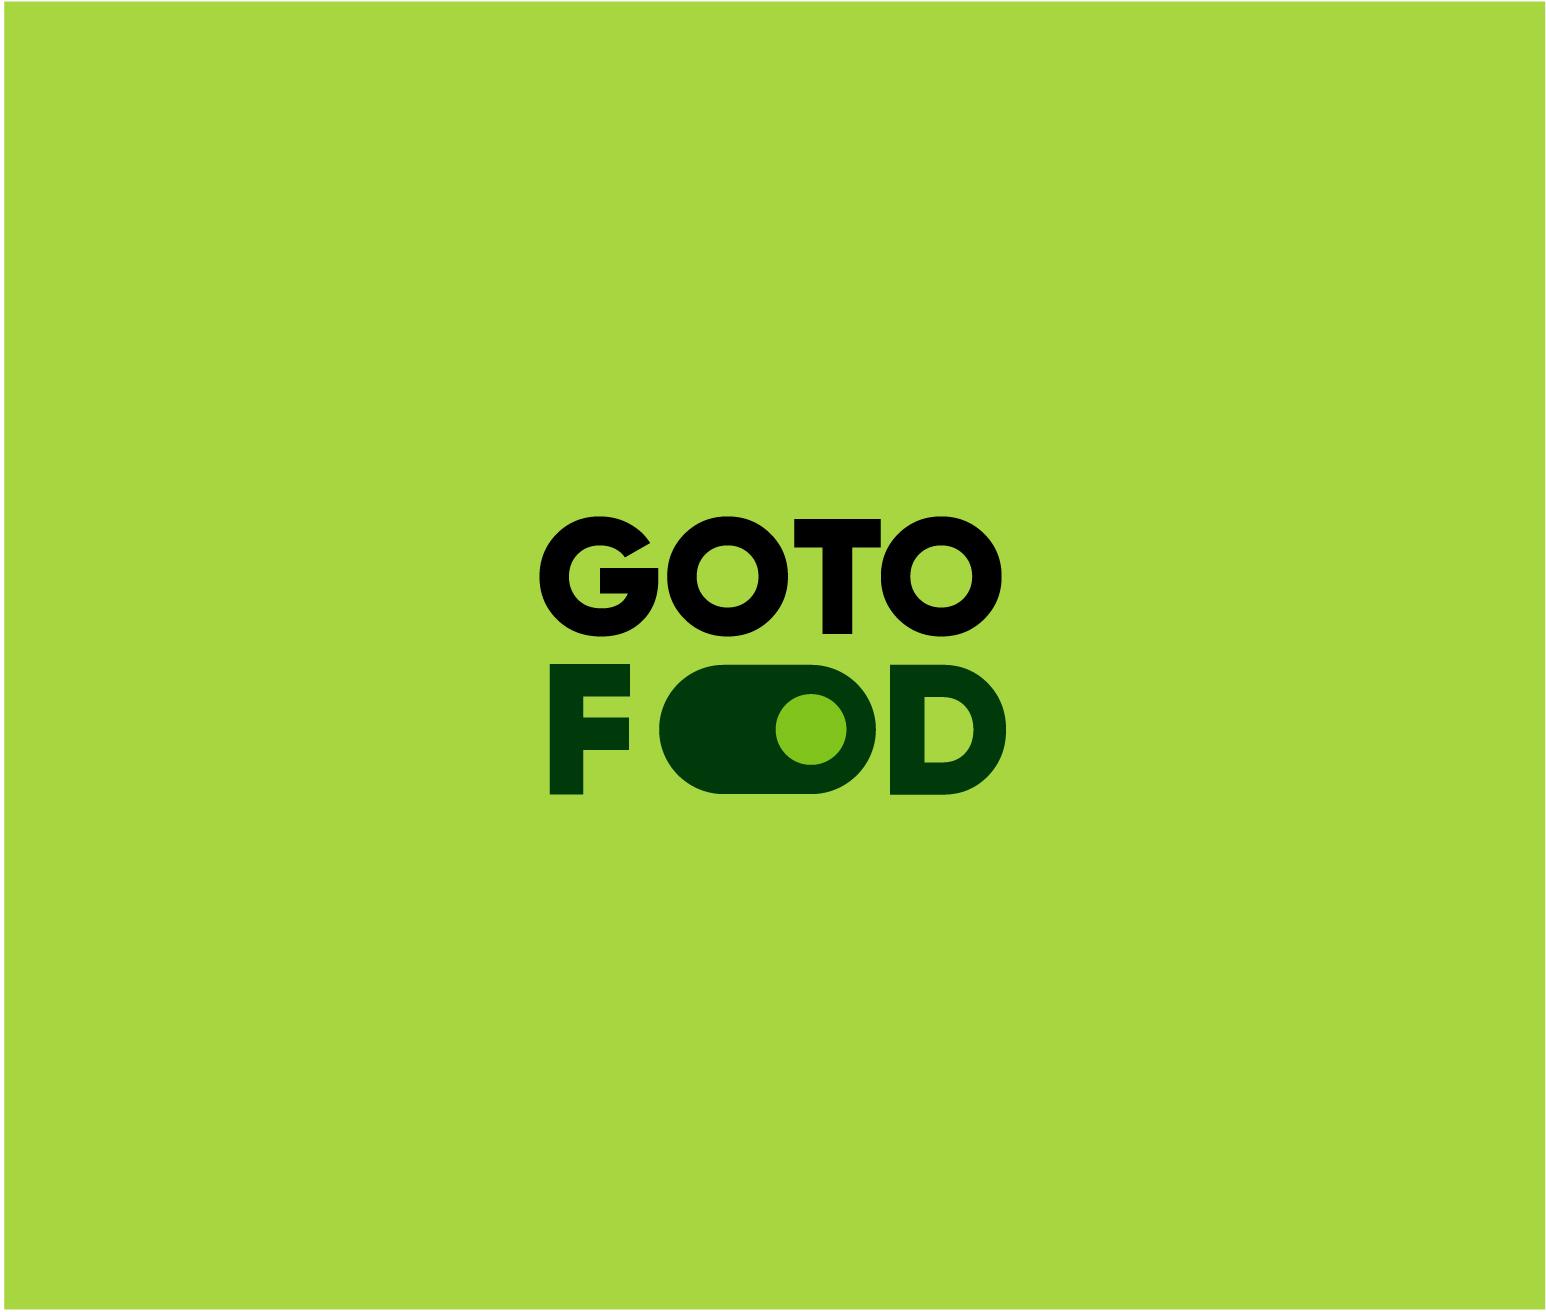 Логотип интернет-магазина здоровой еды фото f_1175cd472390cb99.jpg